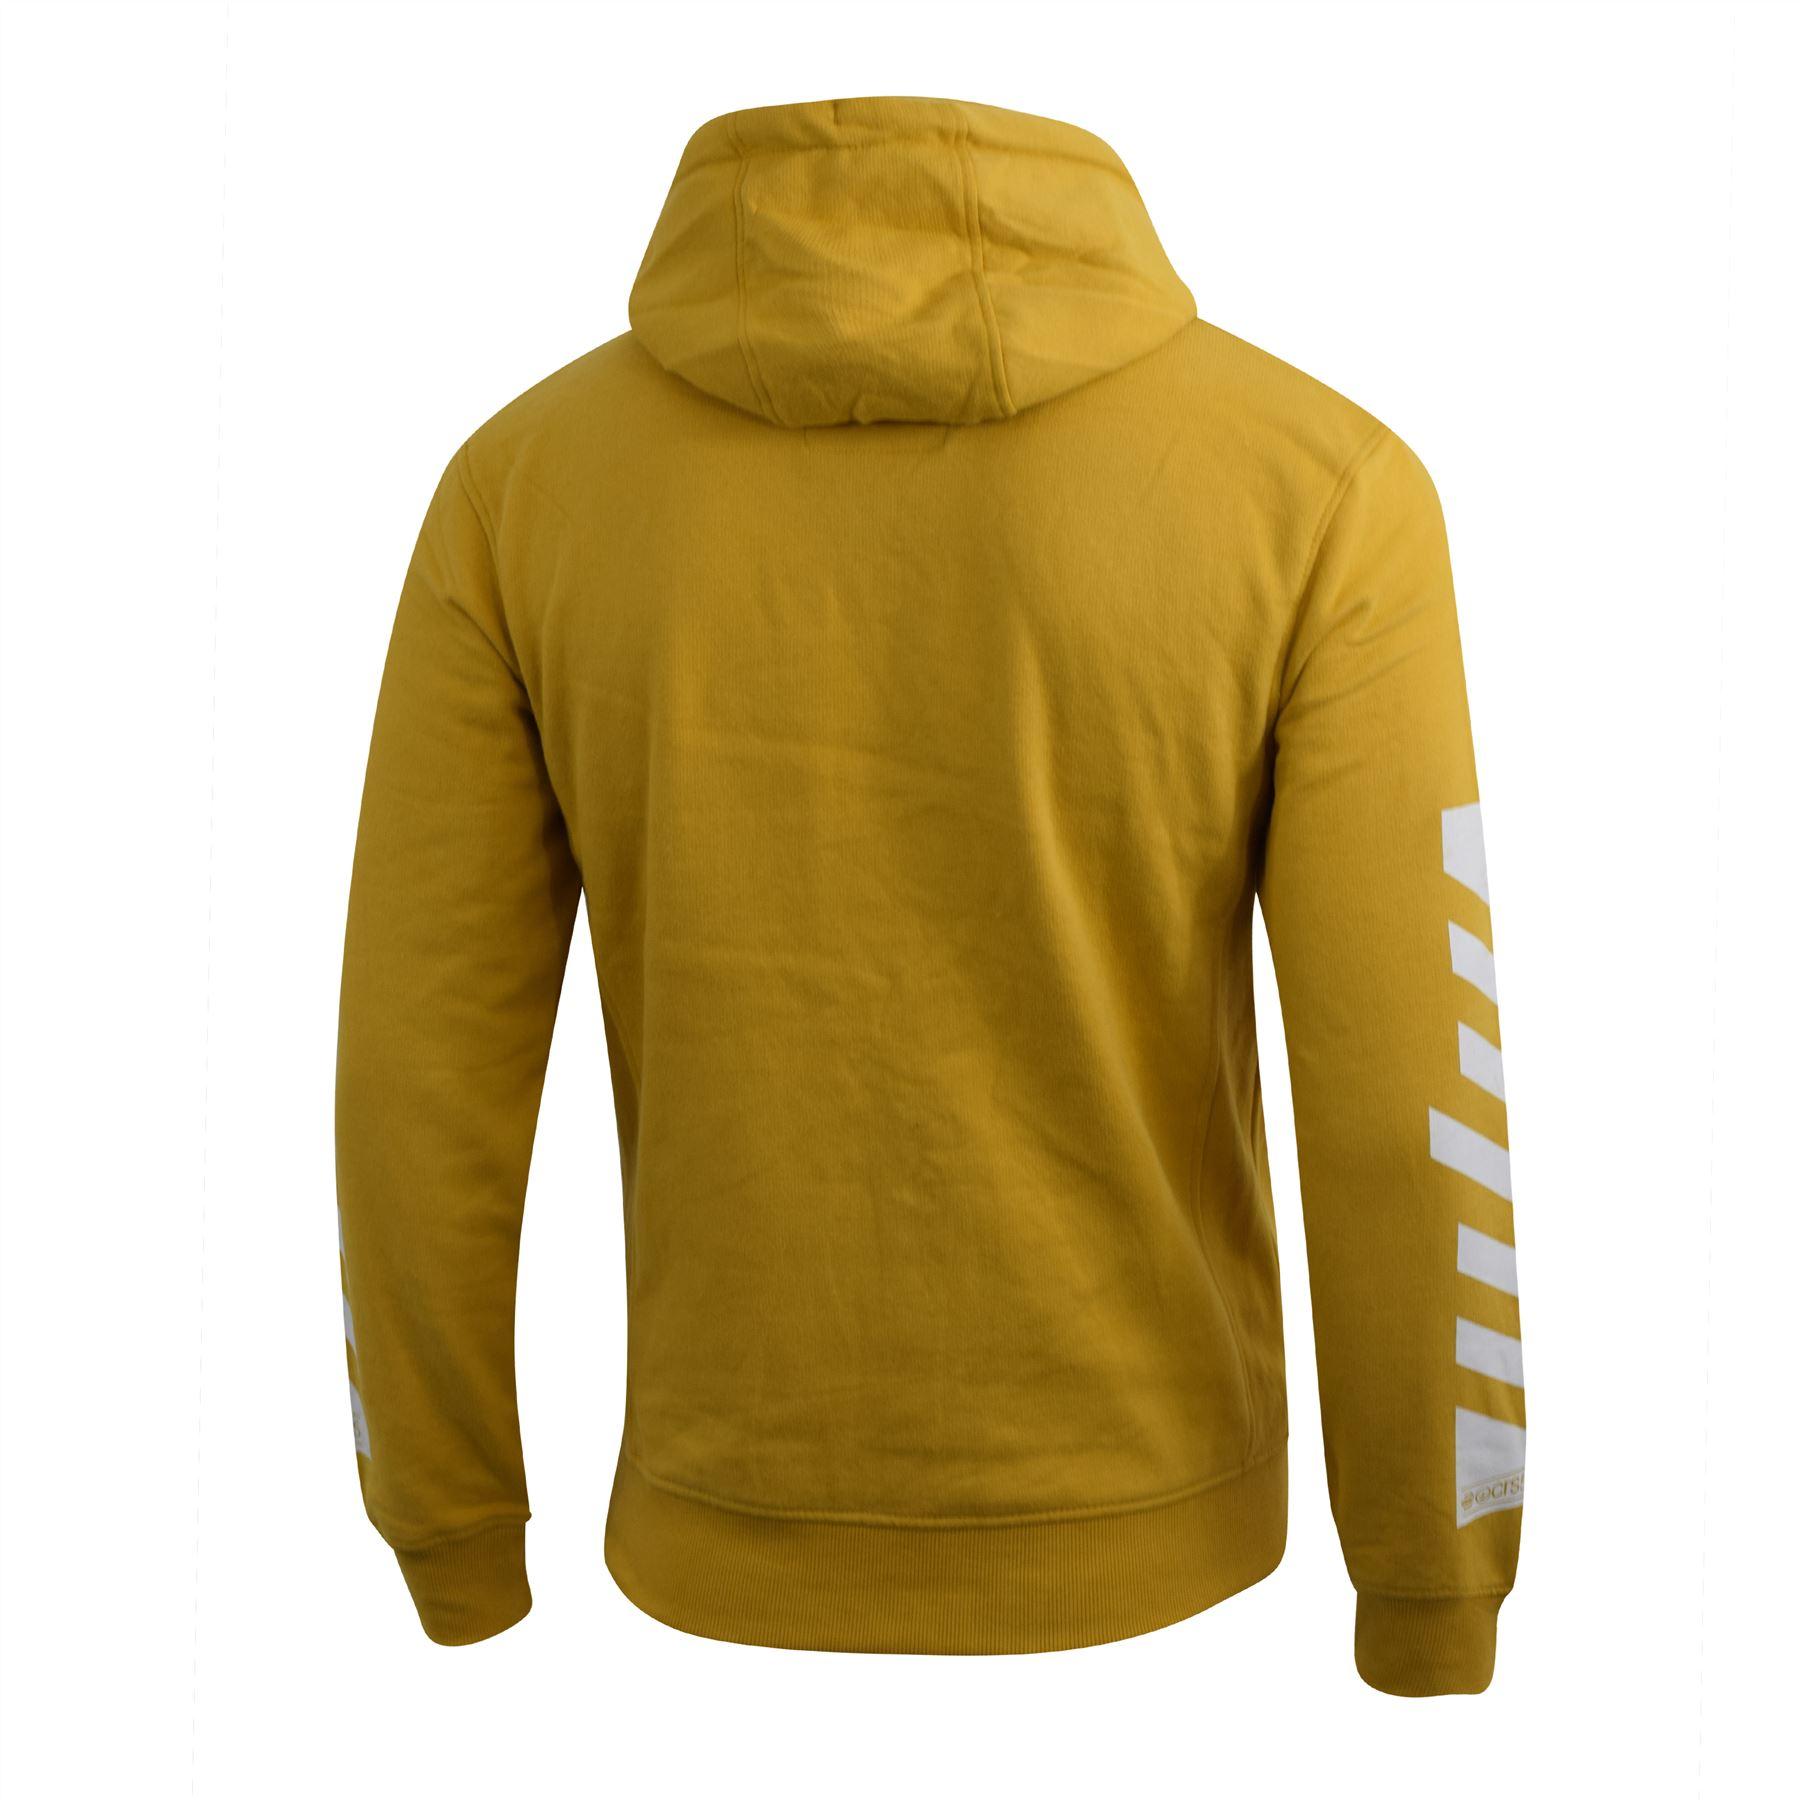 Mens Hoodie Crosshatch Pullover Degas Hooded Sweater Jumper